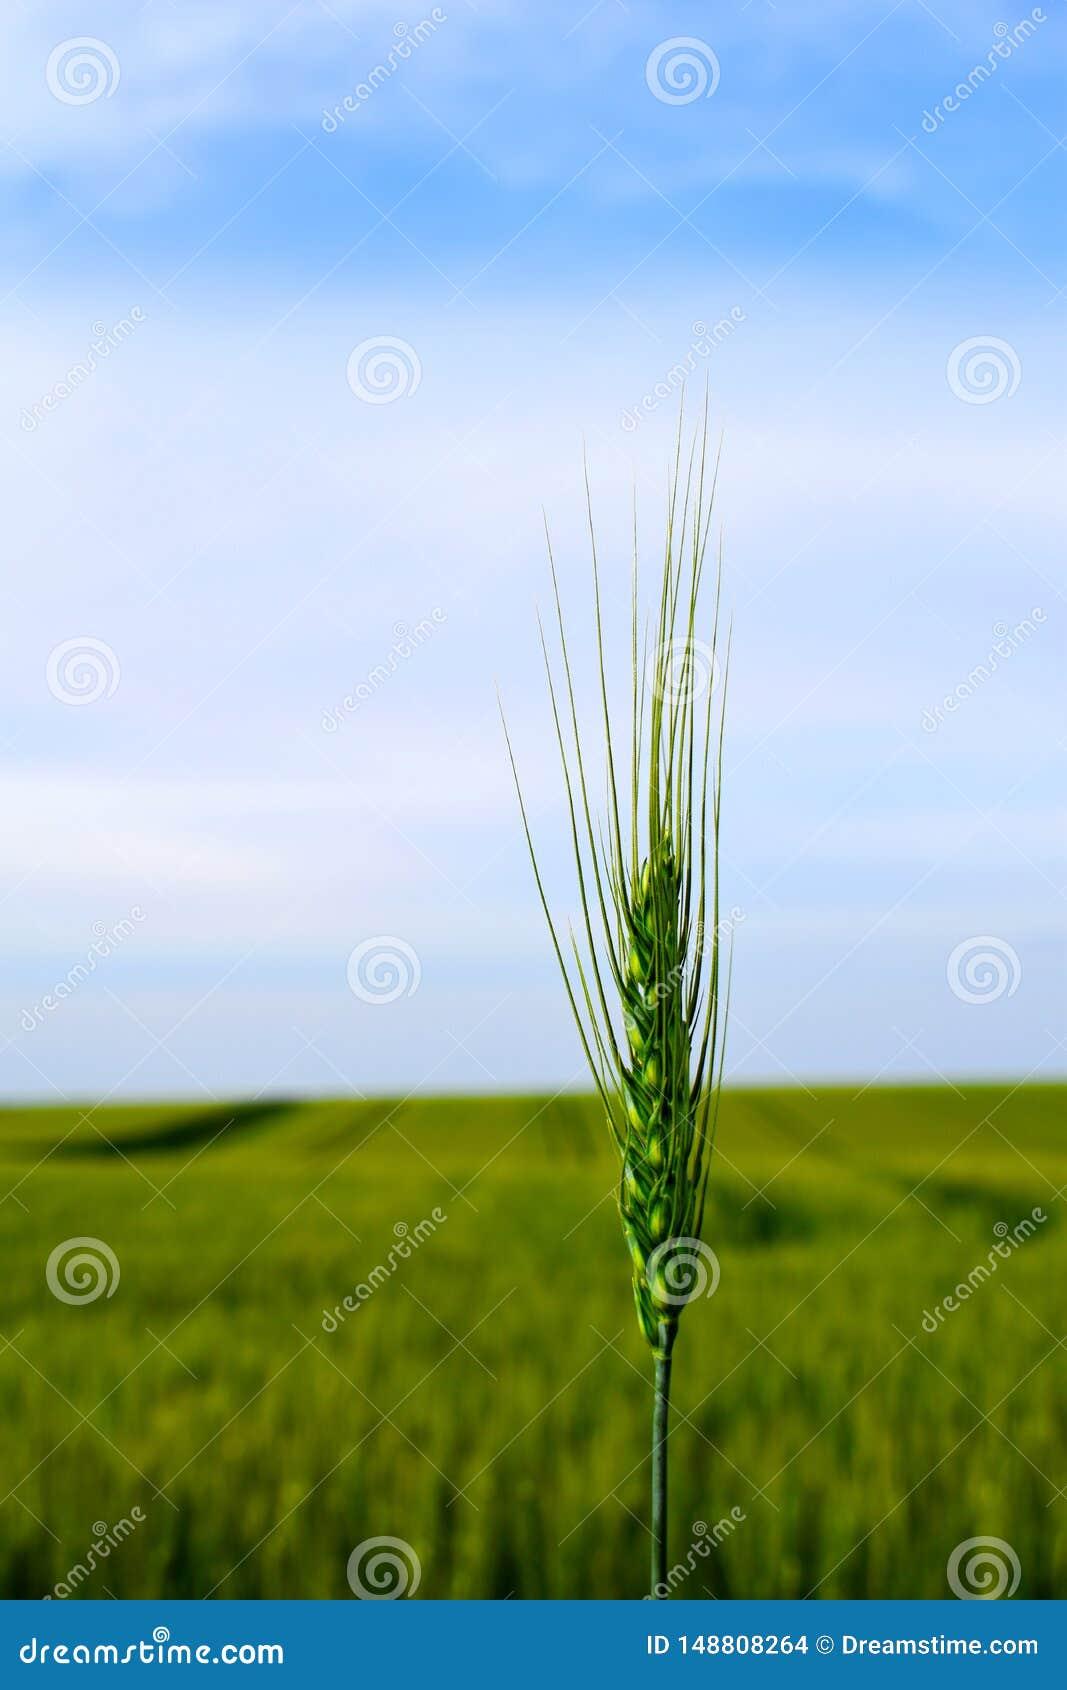 Kies en tarwe met tarwegebied op achtergrond uit